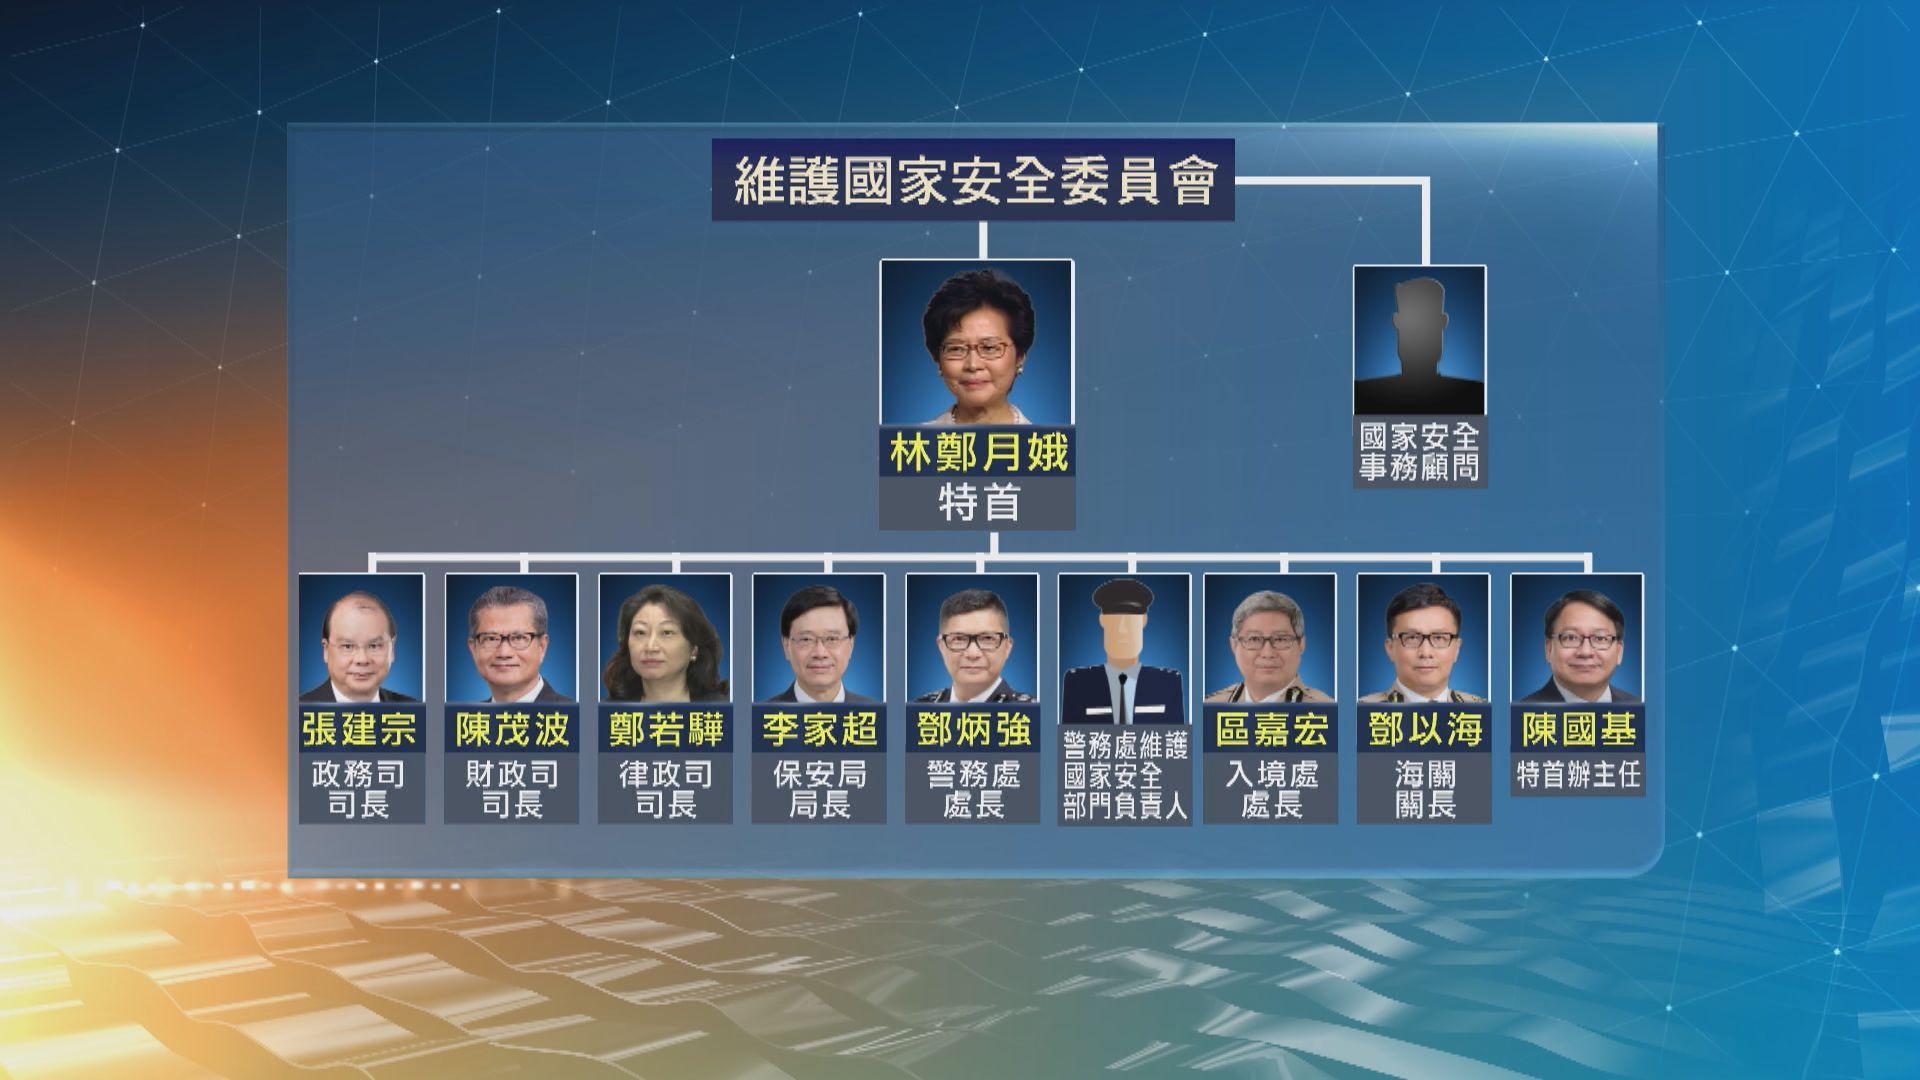 香港設立維護國家安全委員會 行政長官任主席